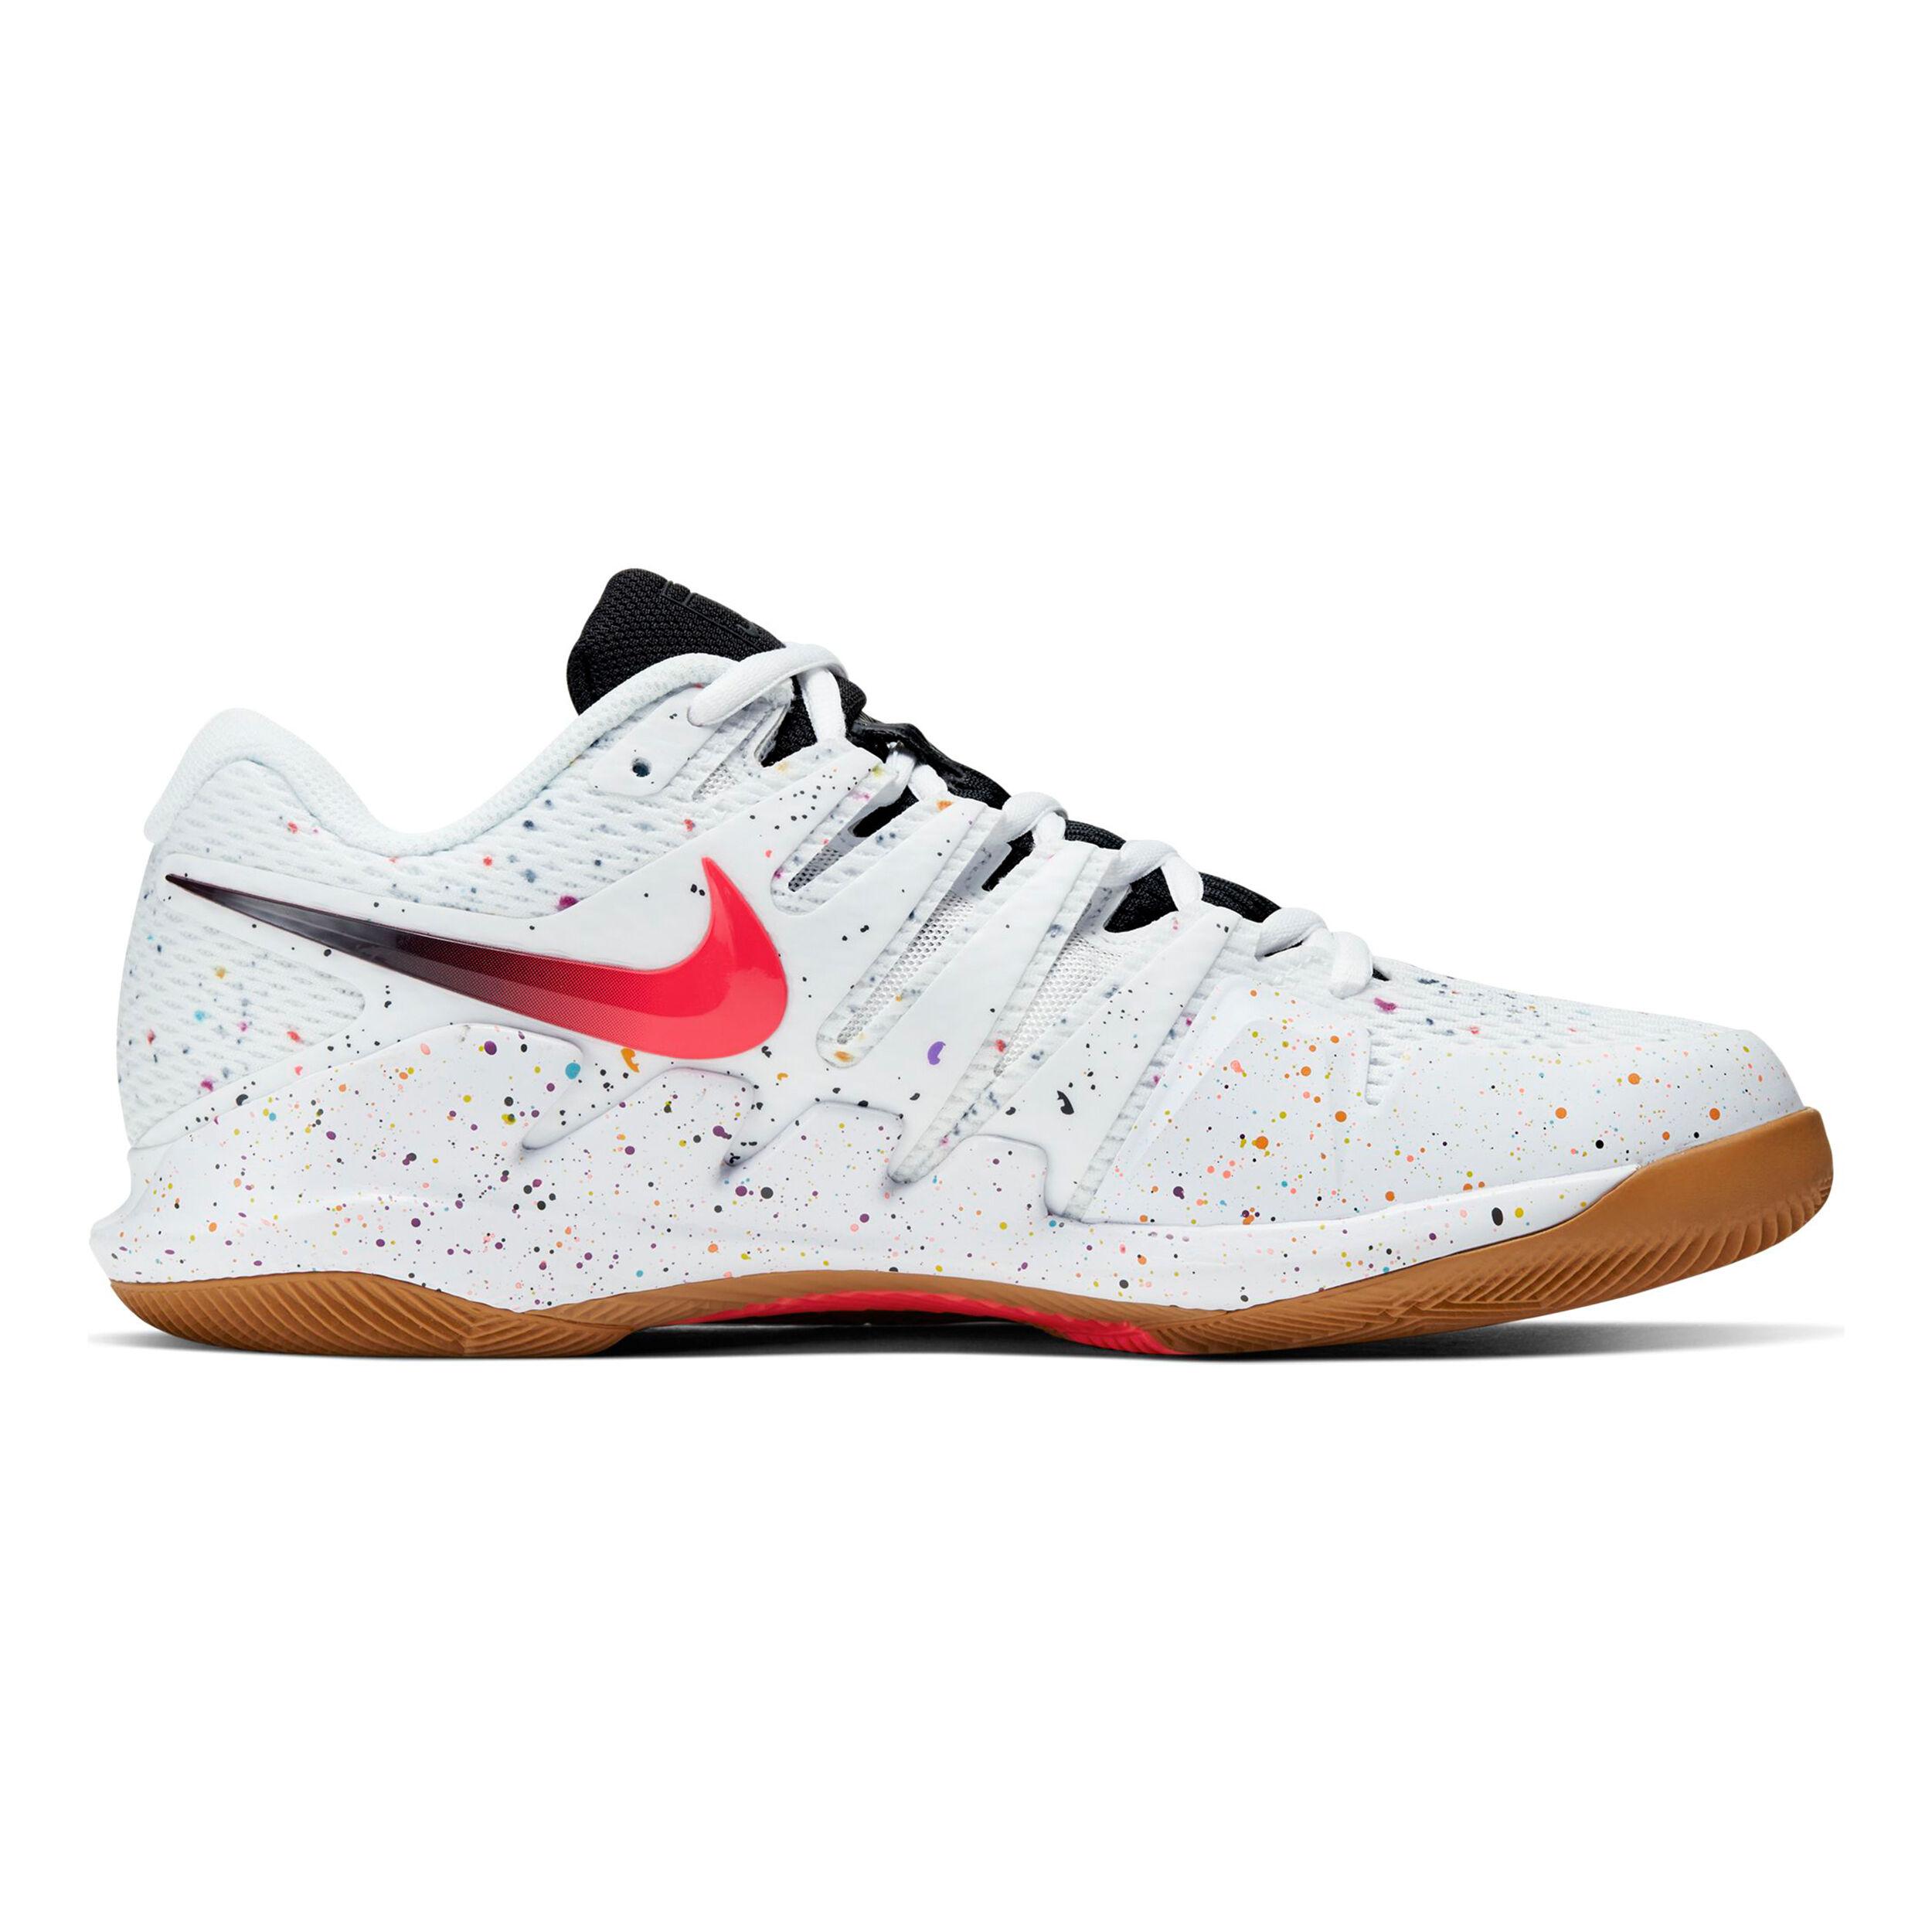 Officielle kvalitets Nike Training Kvinder Skotøj Nike